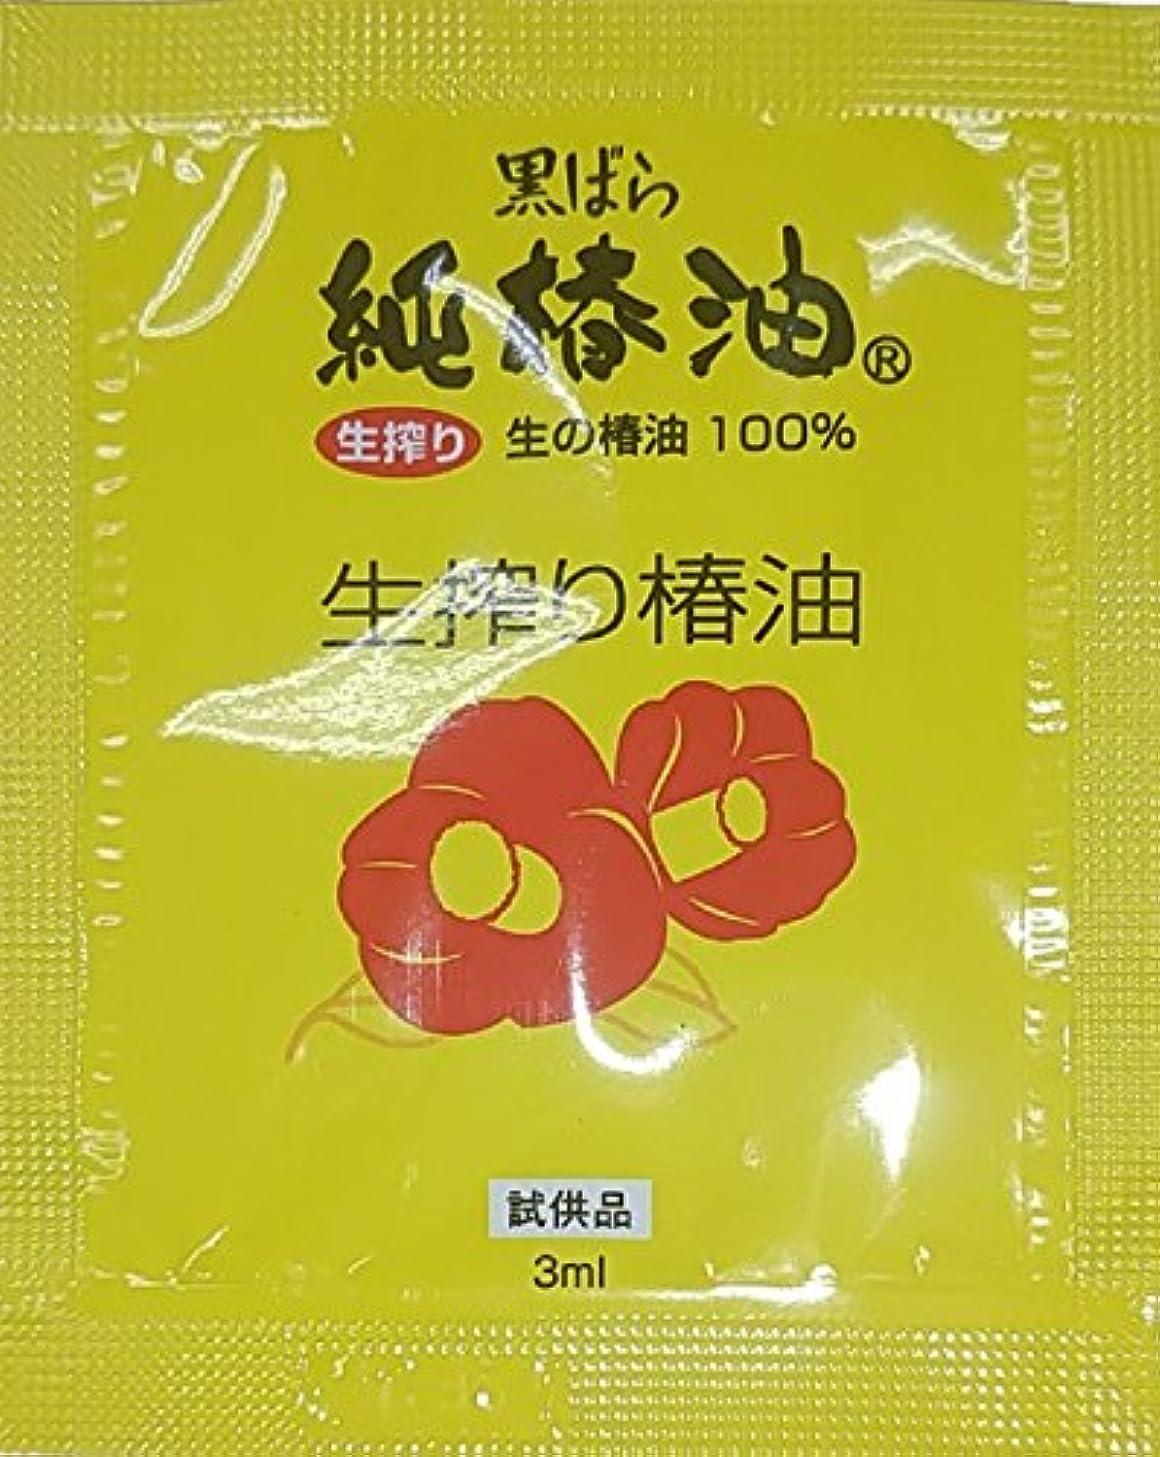 セクション必要としている郵便純椿油ミニサイズ3ml【実質無料サンプルストア対象】